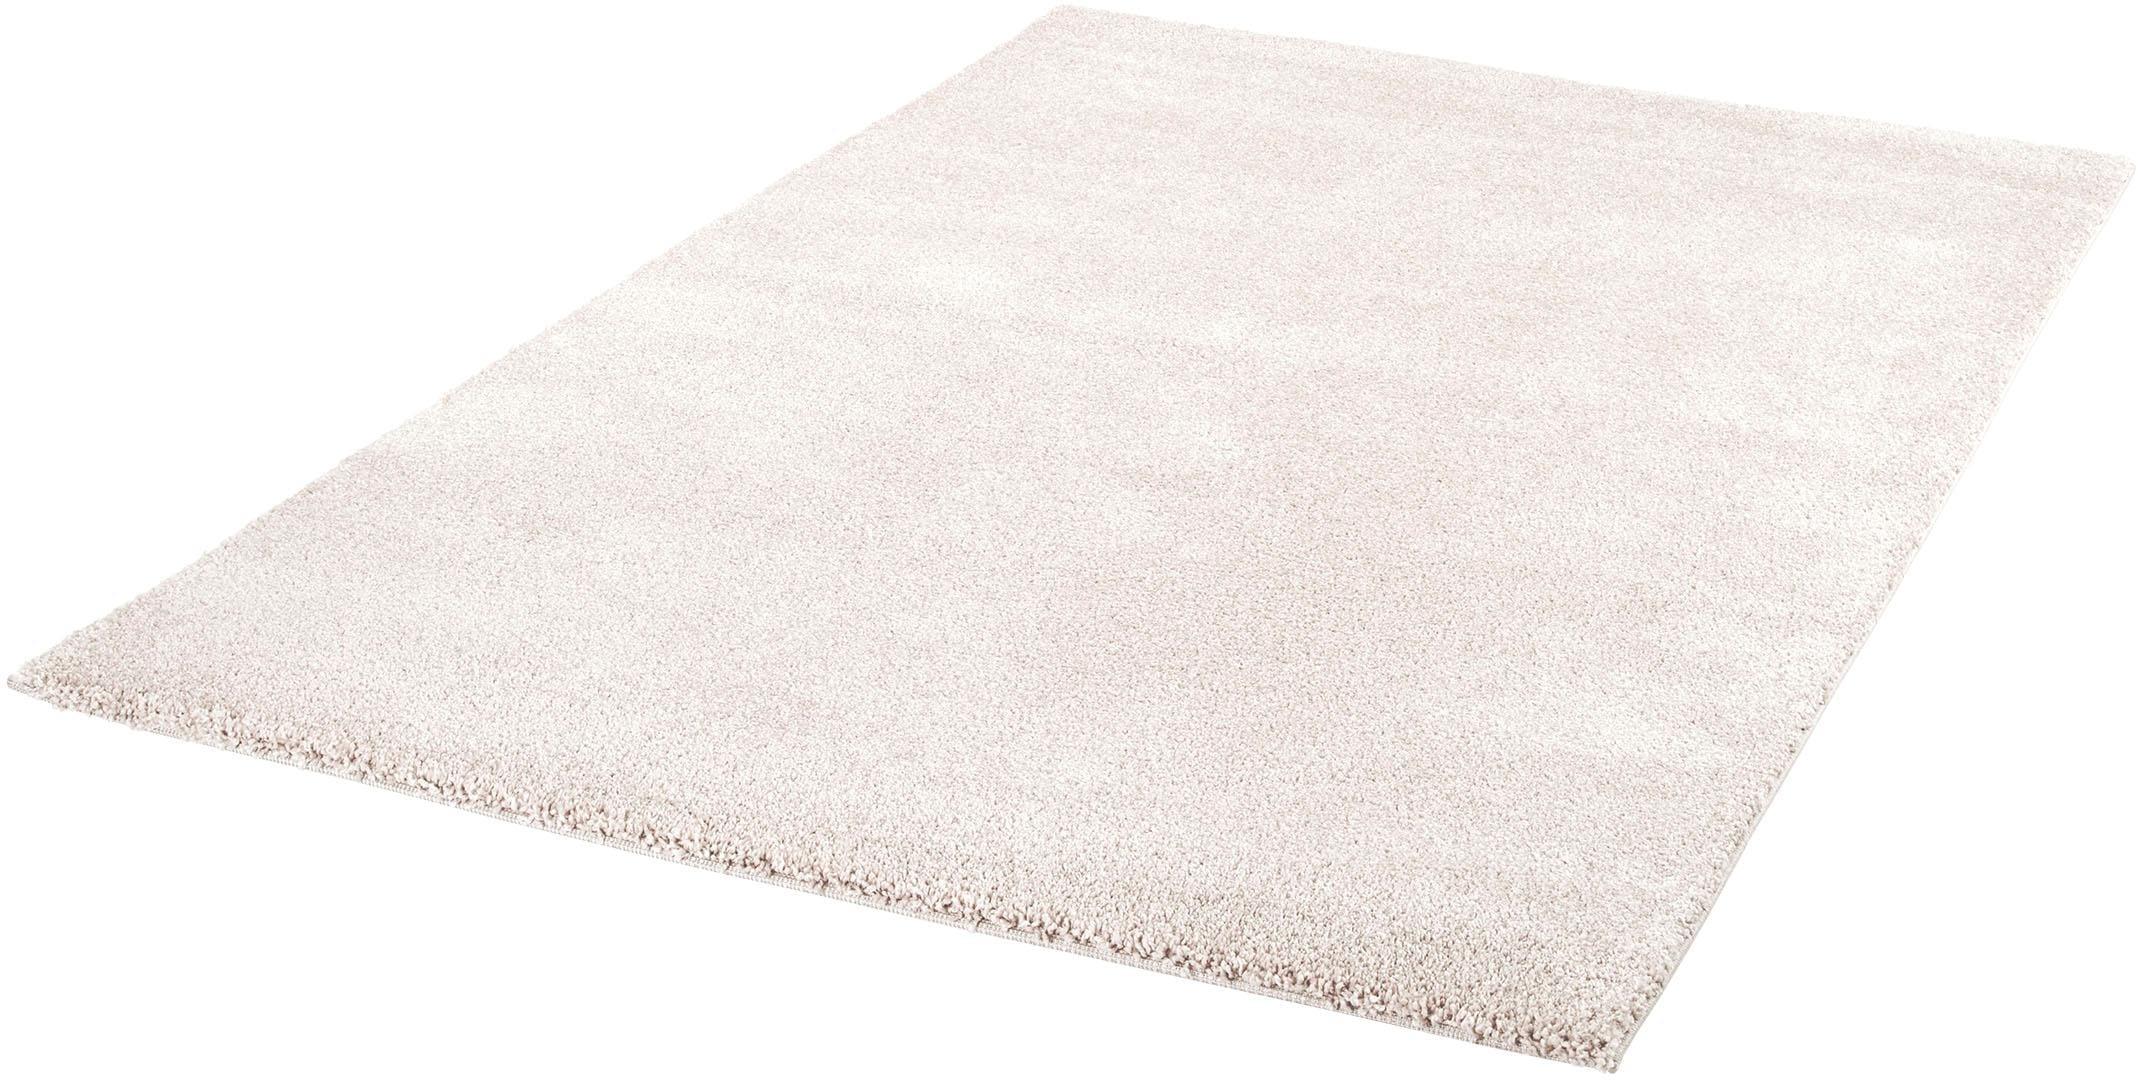 Teppich My Hampton 710 Obsession rechteckig Höhe 25 mm maschinell gewebt